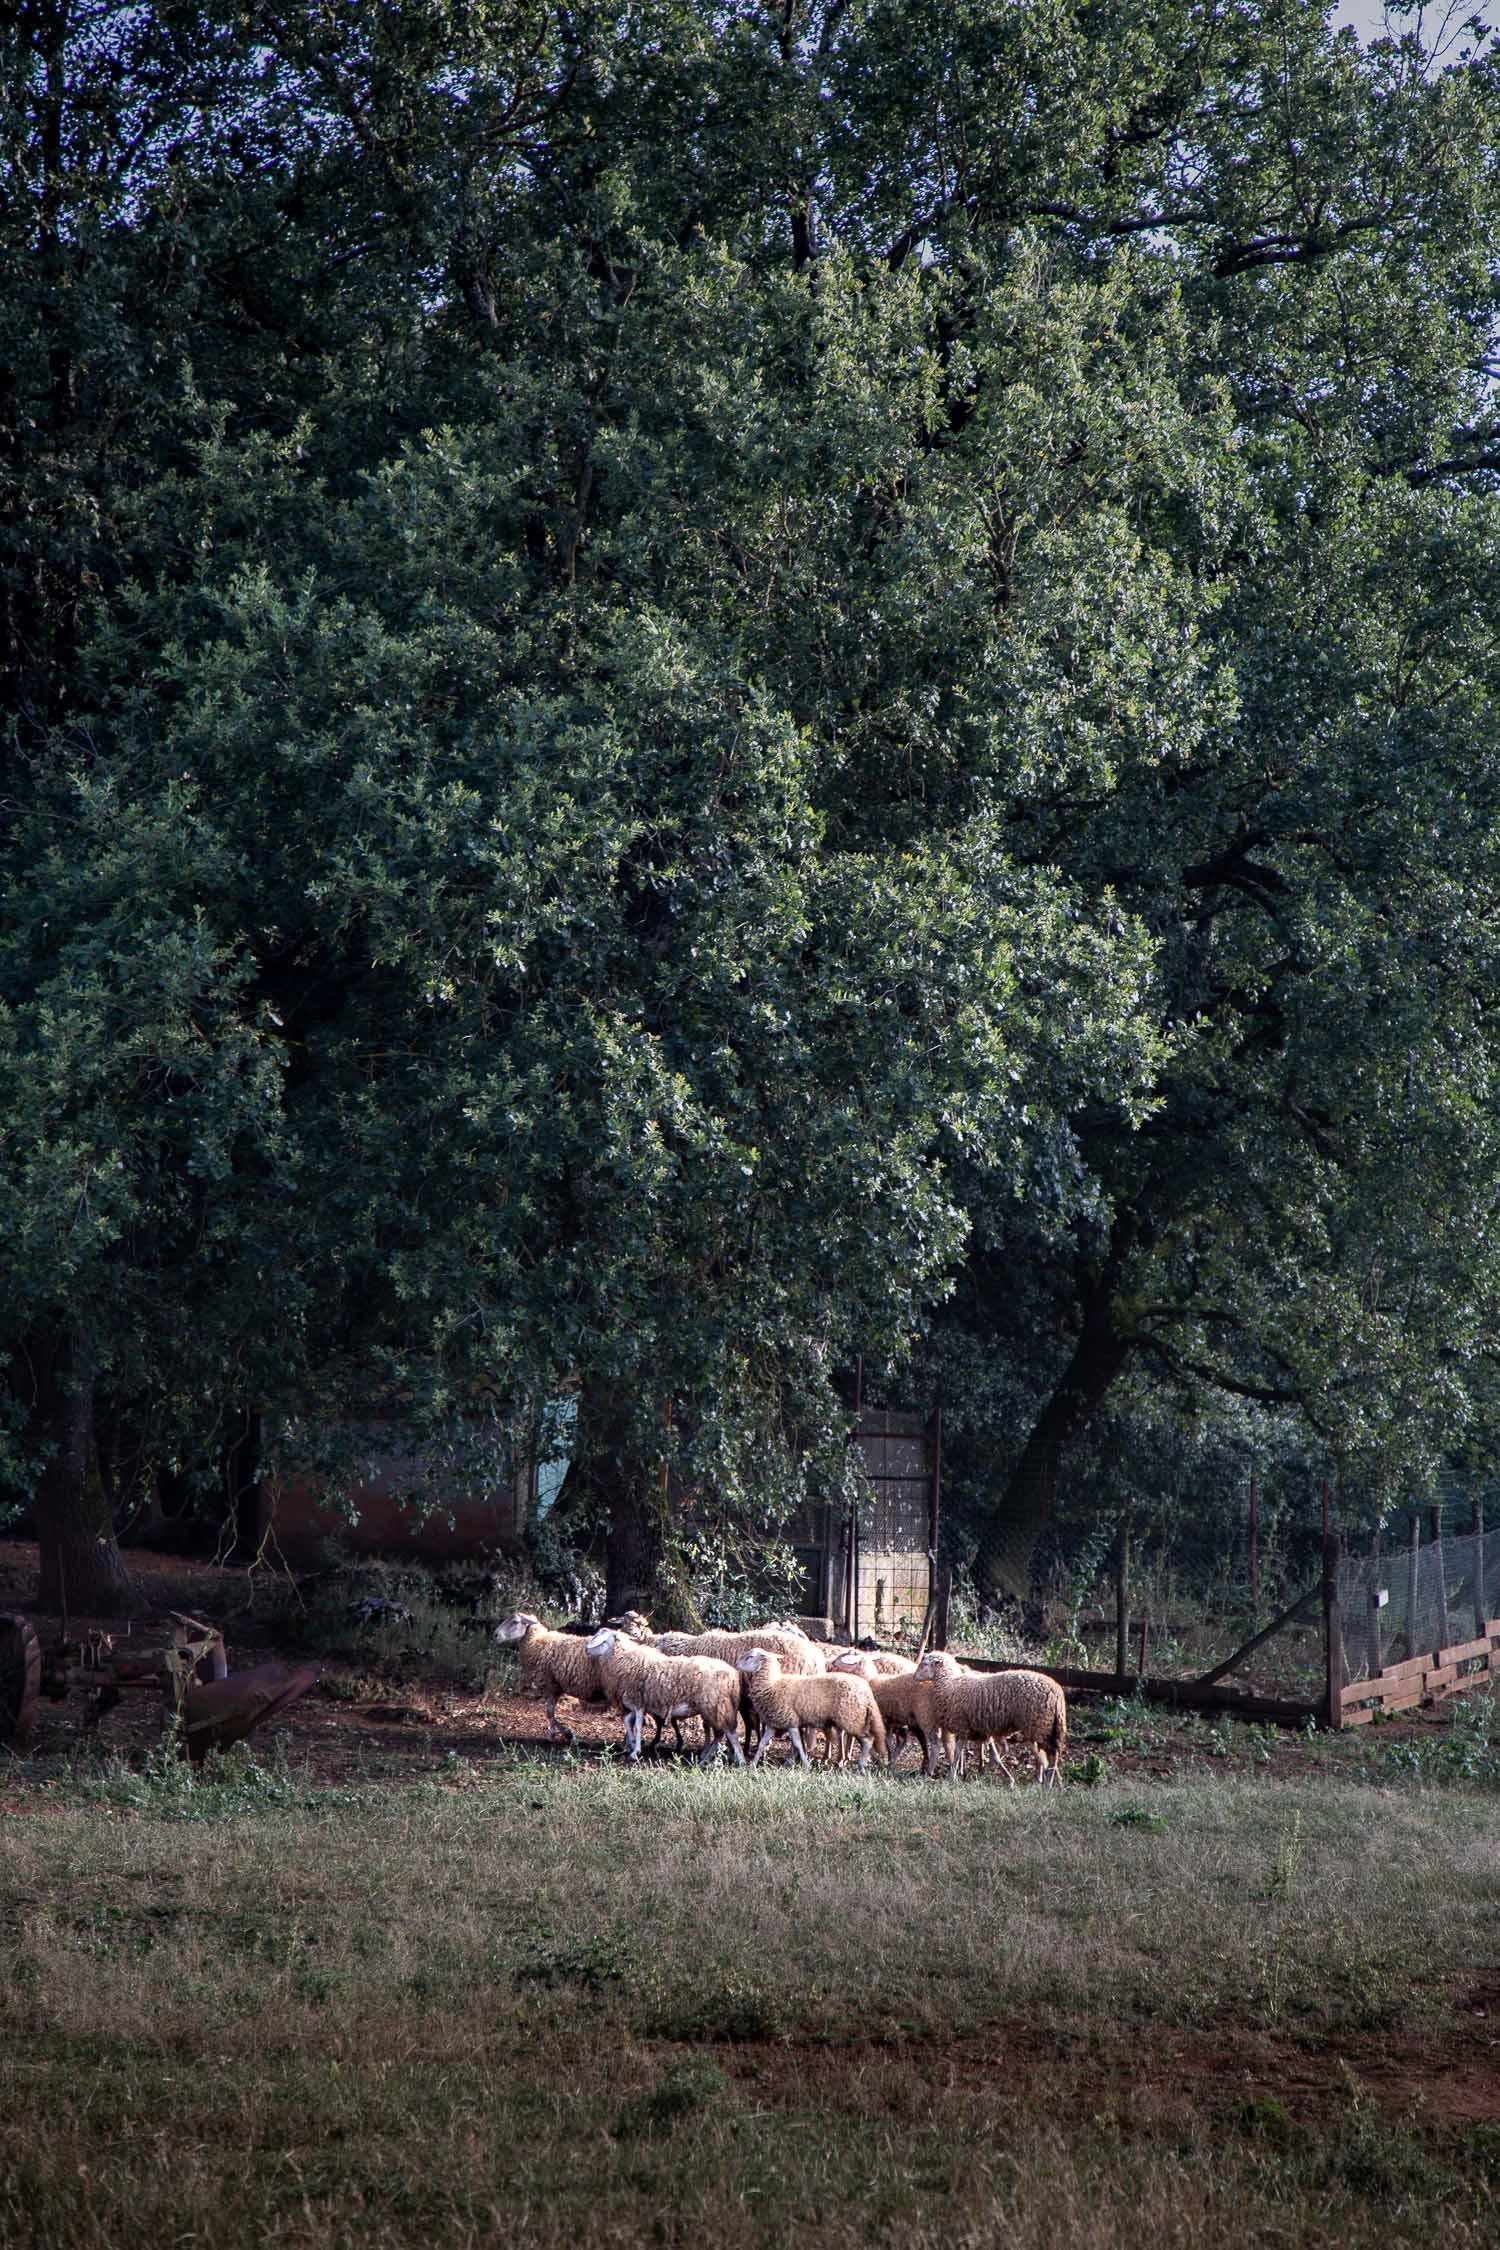 Tuscany-sheep-herd-4136.jpg